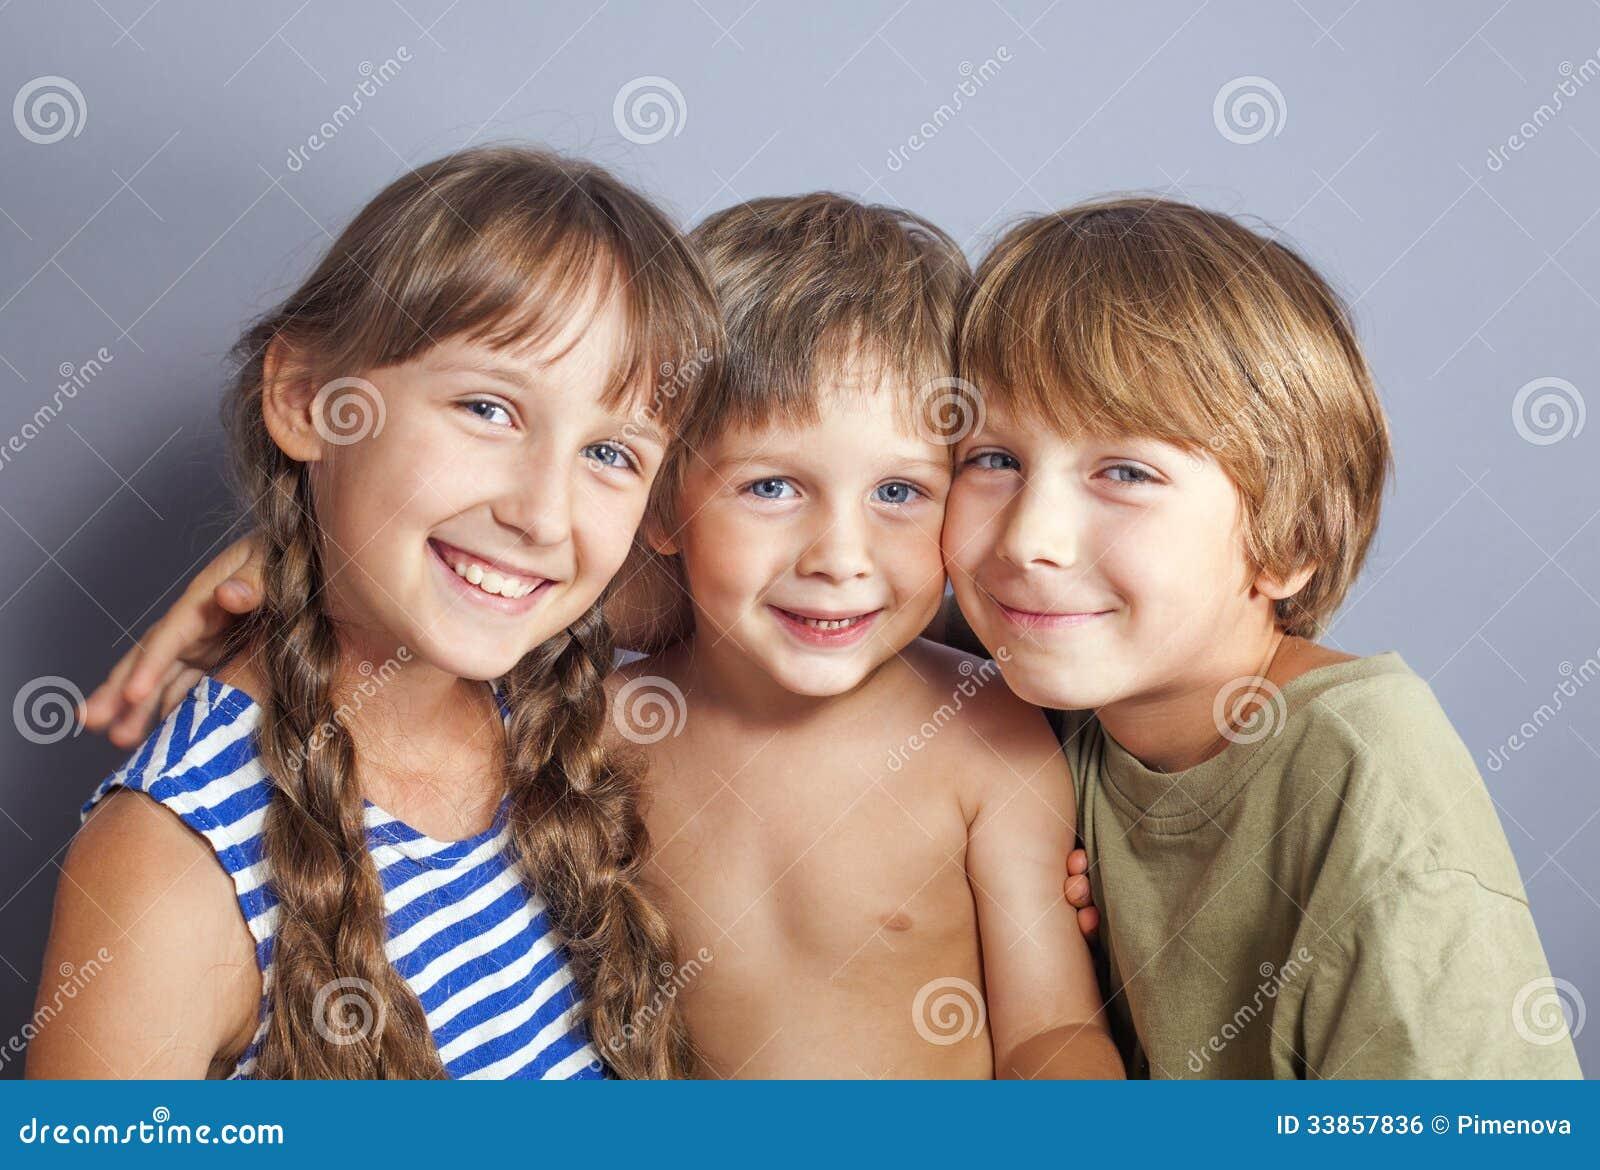 Русское порно как брат трахнул молодую сестру, Инцест. Брат и сестра. Мать и сын. И так далее Форум 22 фотография